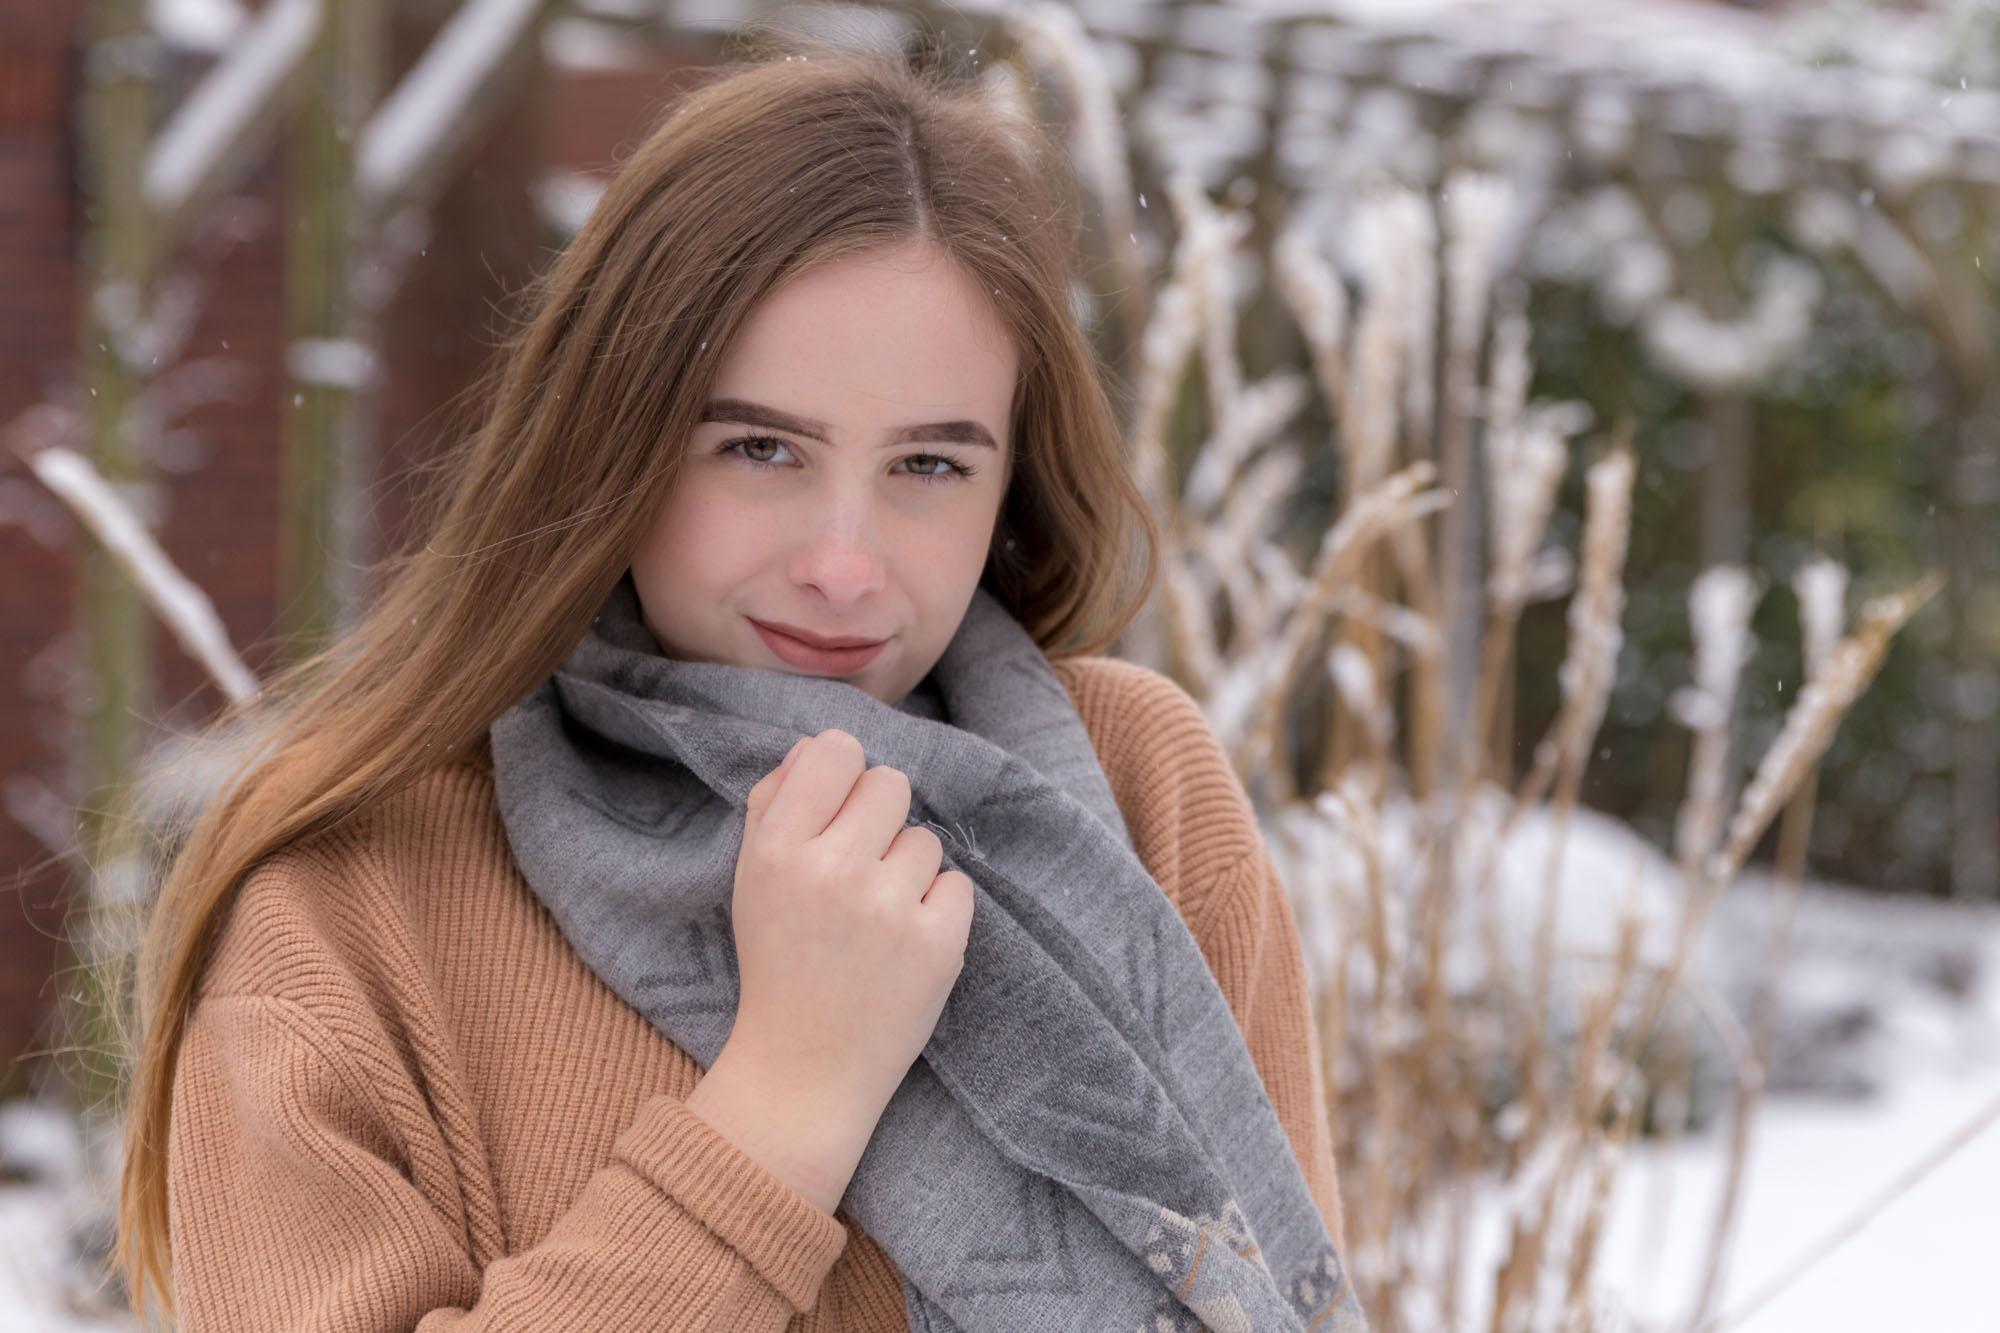 winter portret van tiener meisje met lang haar in de winter door mayrafotografie